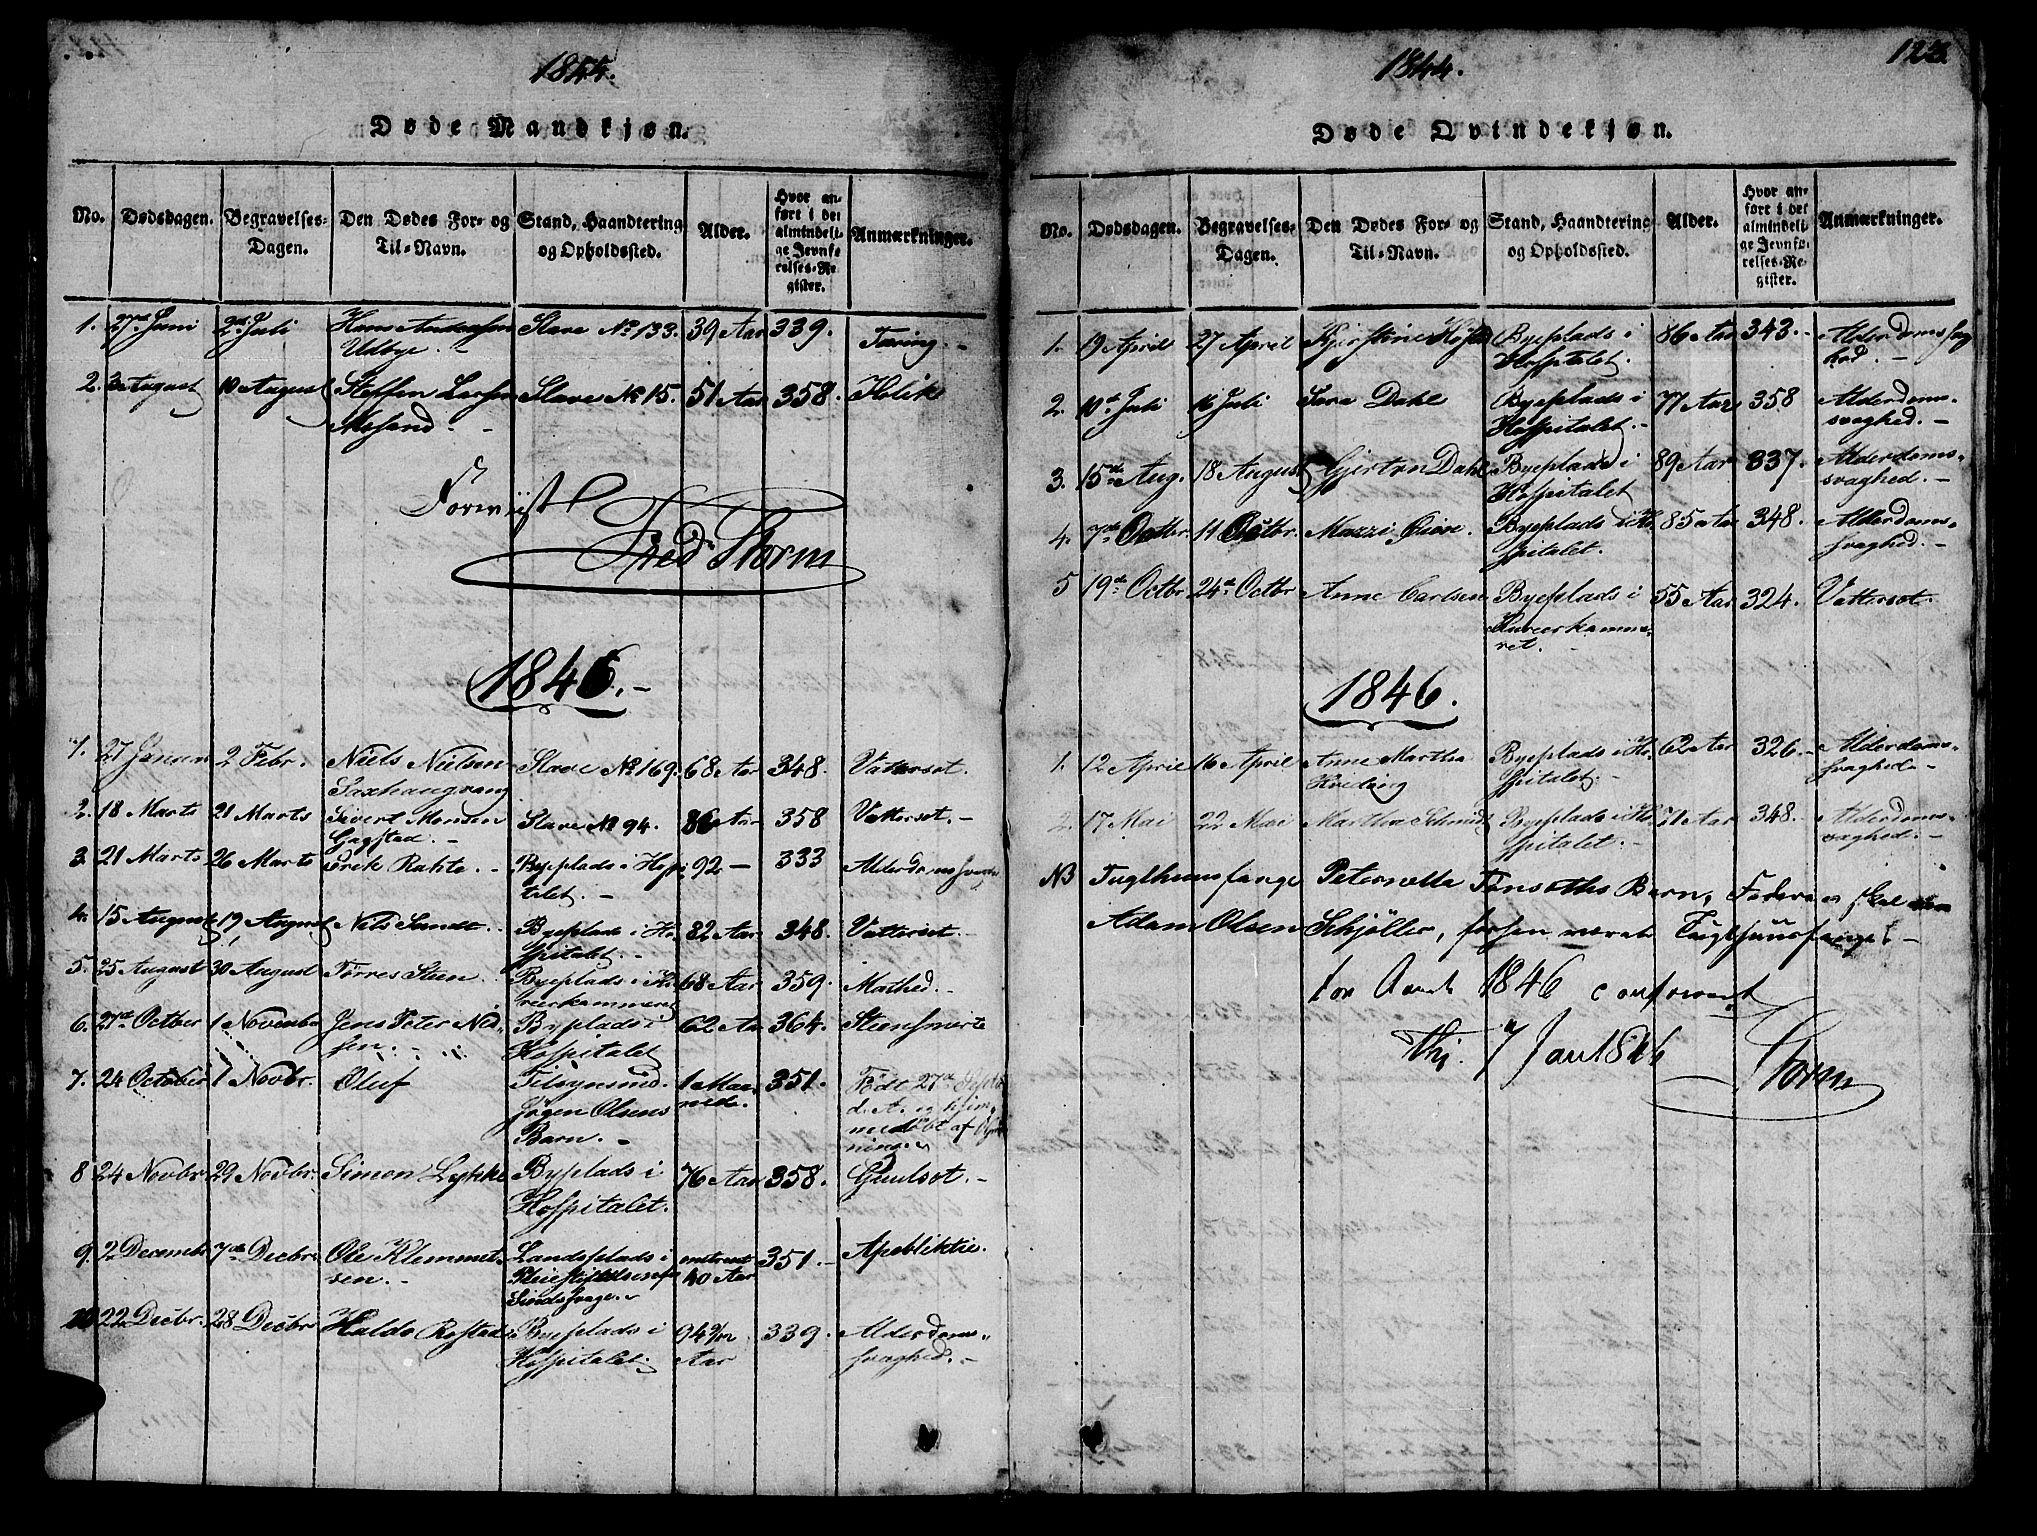 SAT, Ministerialprotokoller, klokkerbøker og fødselsregistre - Sør-Trøndelag, 623/L0478: Klokkerbok nr. 623C01, 1815-1873, s. 123